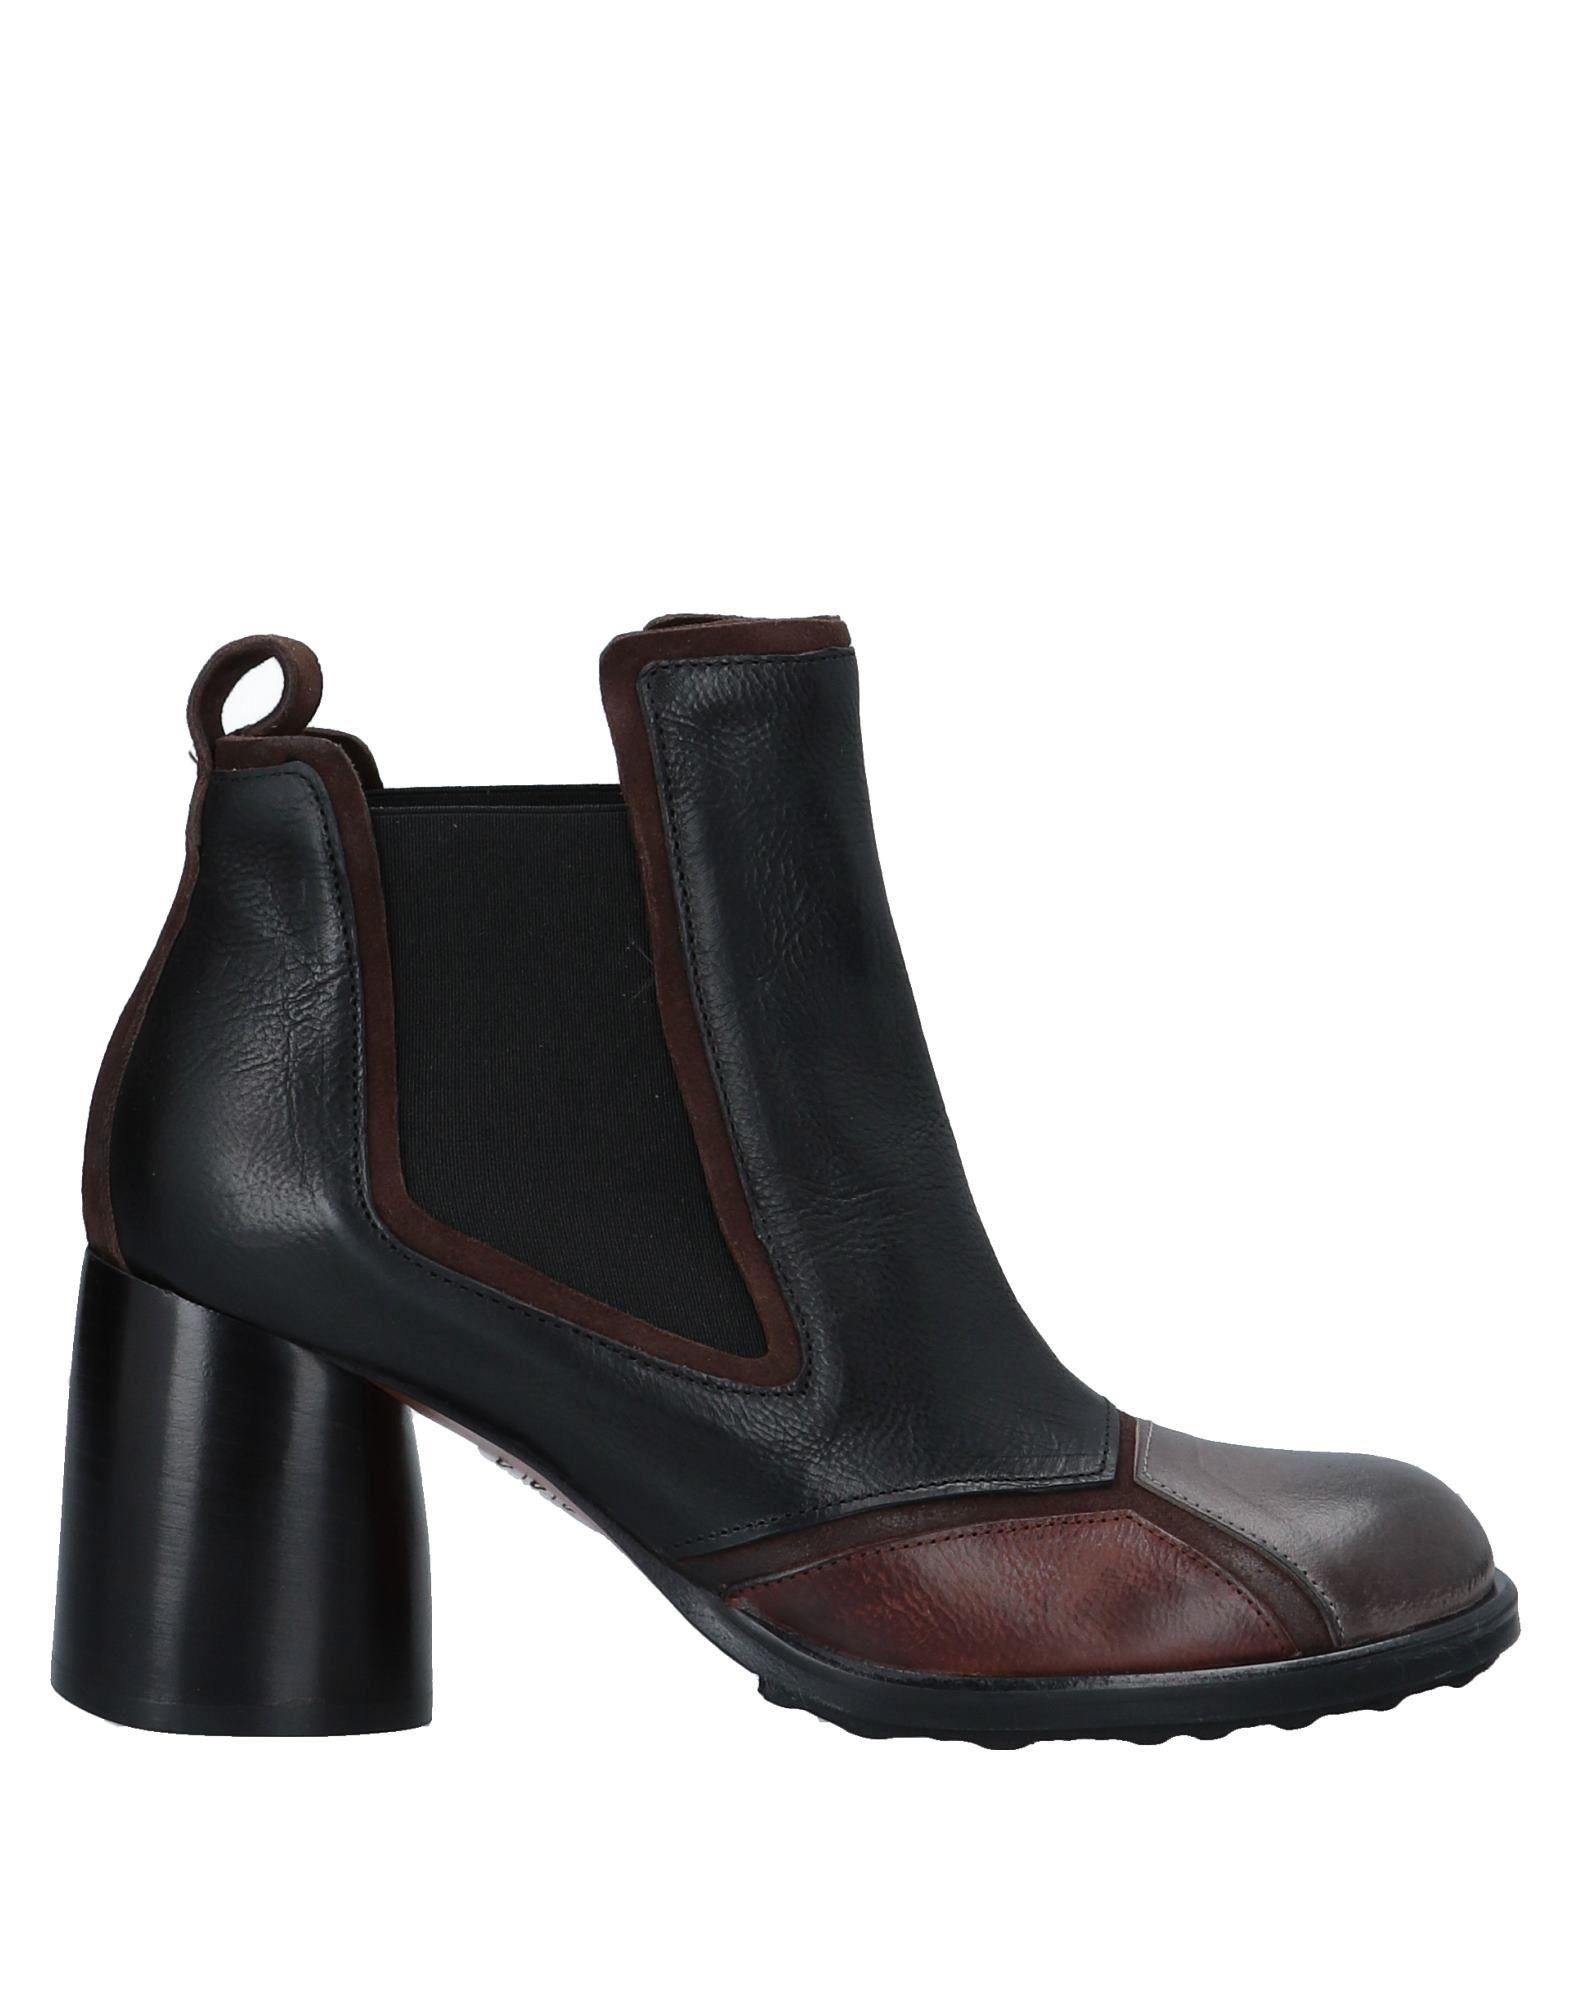 《送料無料》IXOS レディース ショートブーツ ブラック 36 革 / 伸縮繊維